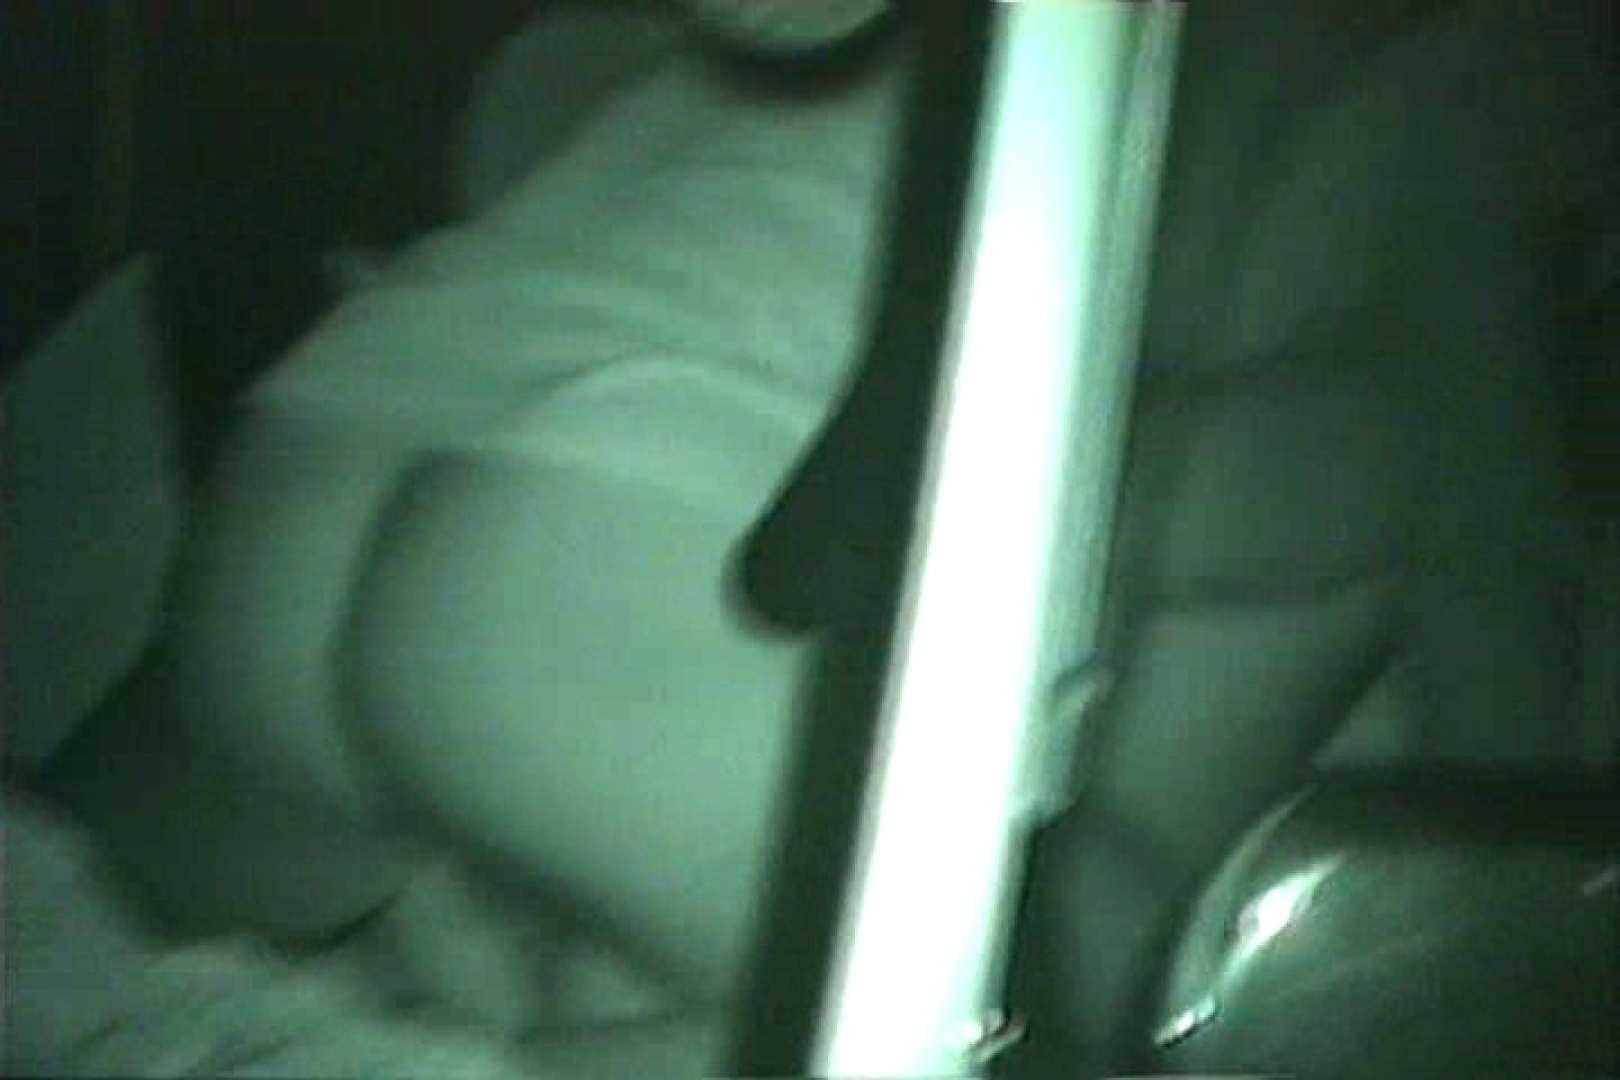 車の中はラブホテル 無修正版  Vol.24 エッチなセックス われめAV動画紹介 102画像 38